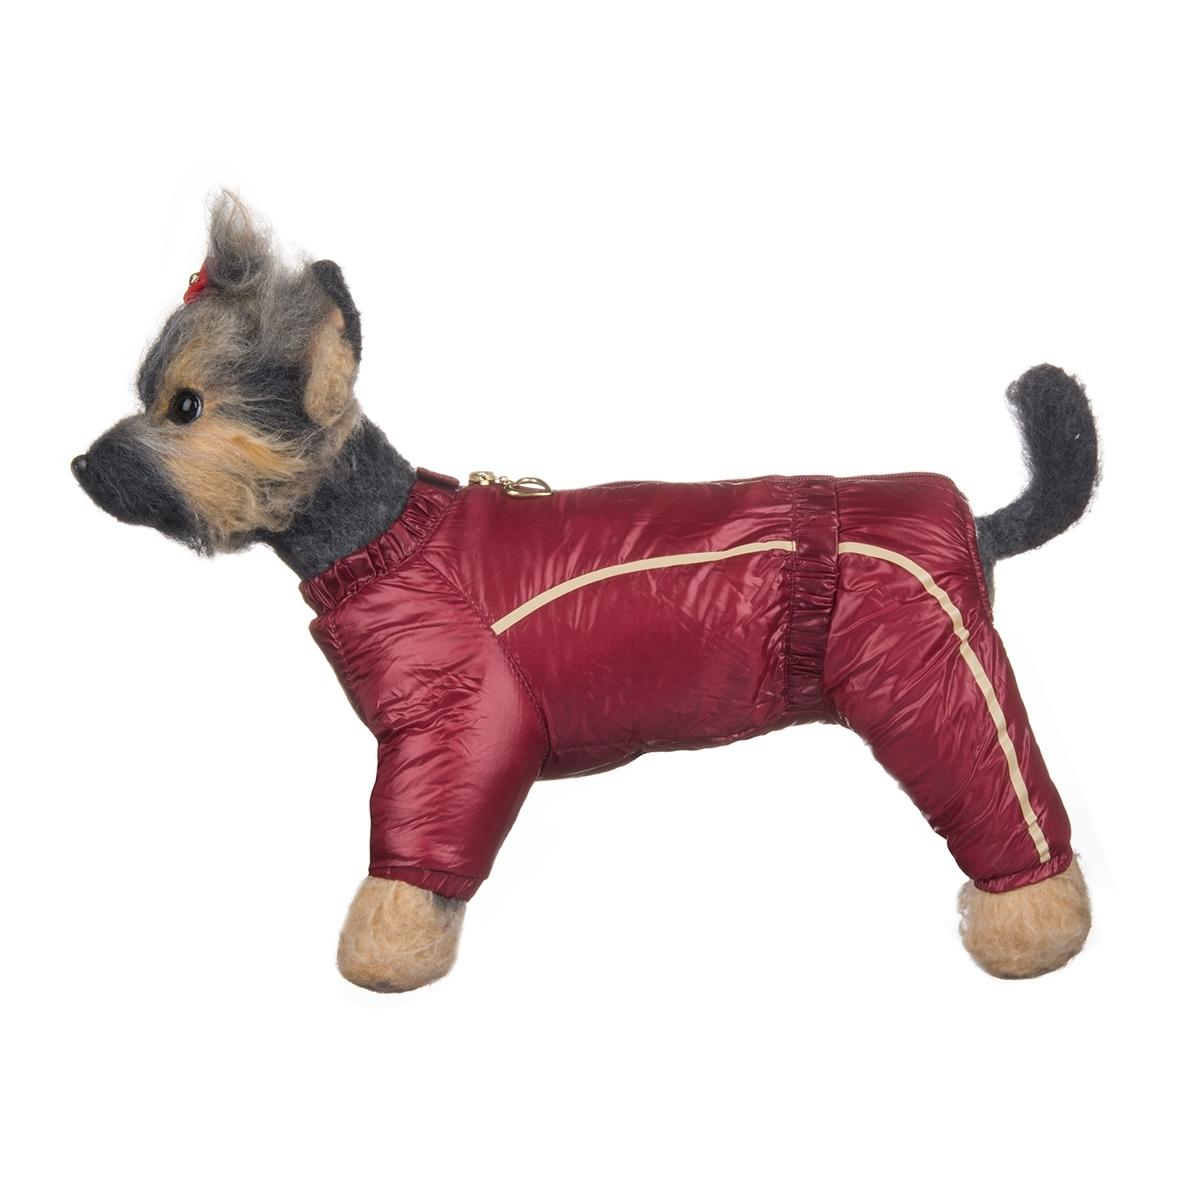 Комбинезон для собак Dogmoda Альпы, зимний, для девочки, цвет: бордовый, серый. Размер 4 (XL)DM-150349-4Зимний комбинезон для собак Dogmoda Альпы отлично подойдет для прогулок в зимнее время года. Комбинезон изготовлен из полиэстера, защищающего от ветра и снега, с утеплителем из синтепона, который сохранит тепло даже в сильные морозы, а на подкладке используется искусственный мех, который обеспечивает отличный воздухообмен. Комбинезон застегивается на молнию и липучку, благодаря чему его легко надевать и снимать. Ворот, низ рукавов и брючин оснащены внутренними резинками, которые мягко обхватывают шею и лапки, не позволяя просачиваться холодному воздуху. На пояснице имеется внутренняя резинка. Изделие декорировано бежевыми полосками и надписью DM. Благодаря такому комбинезону простуда не грозит вашему питомцу и он сможет испытать не сравнимое удовольствие от снежных игр и забав.